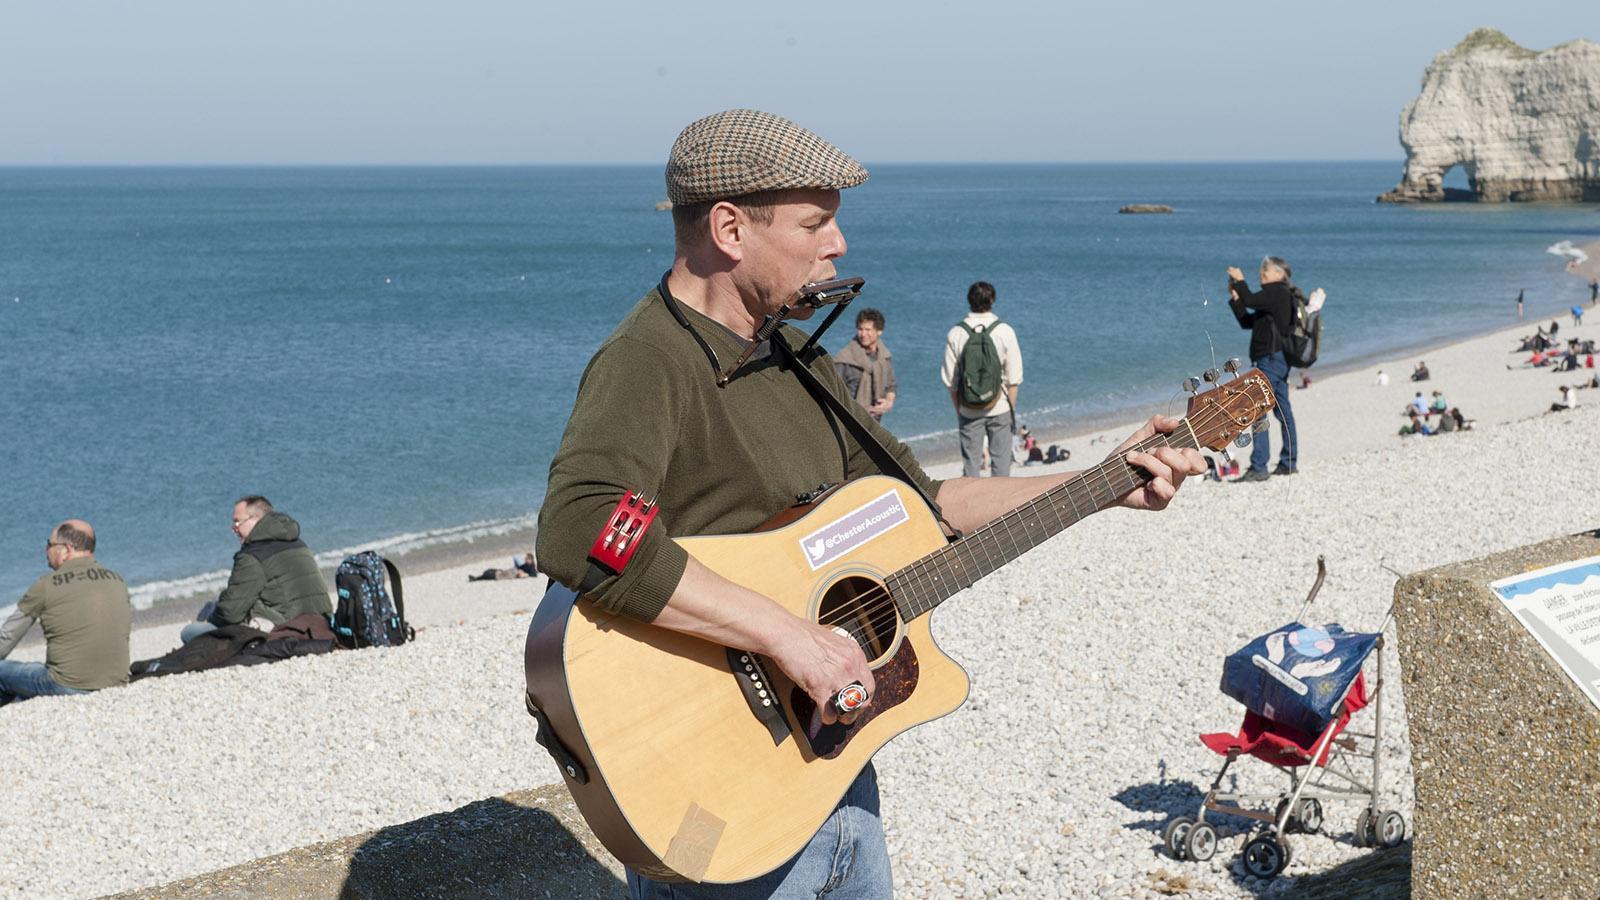 Auf der Strandpromenade von Étretat musizieren gerne Straßenmusikanten. Foto: Hilke Maunder